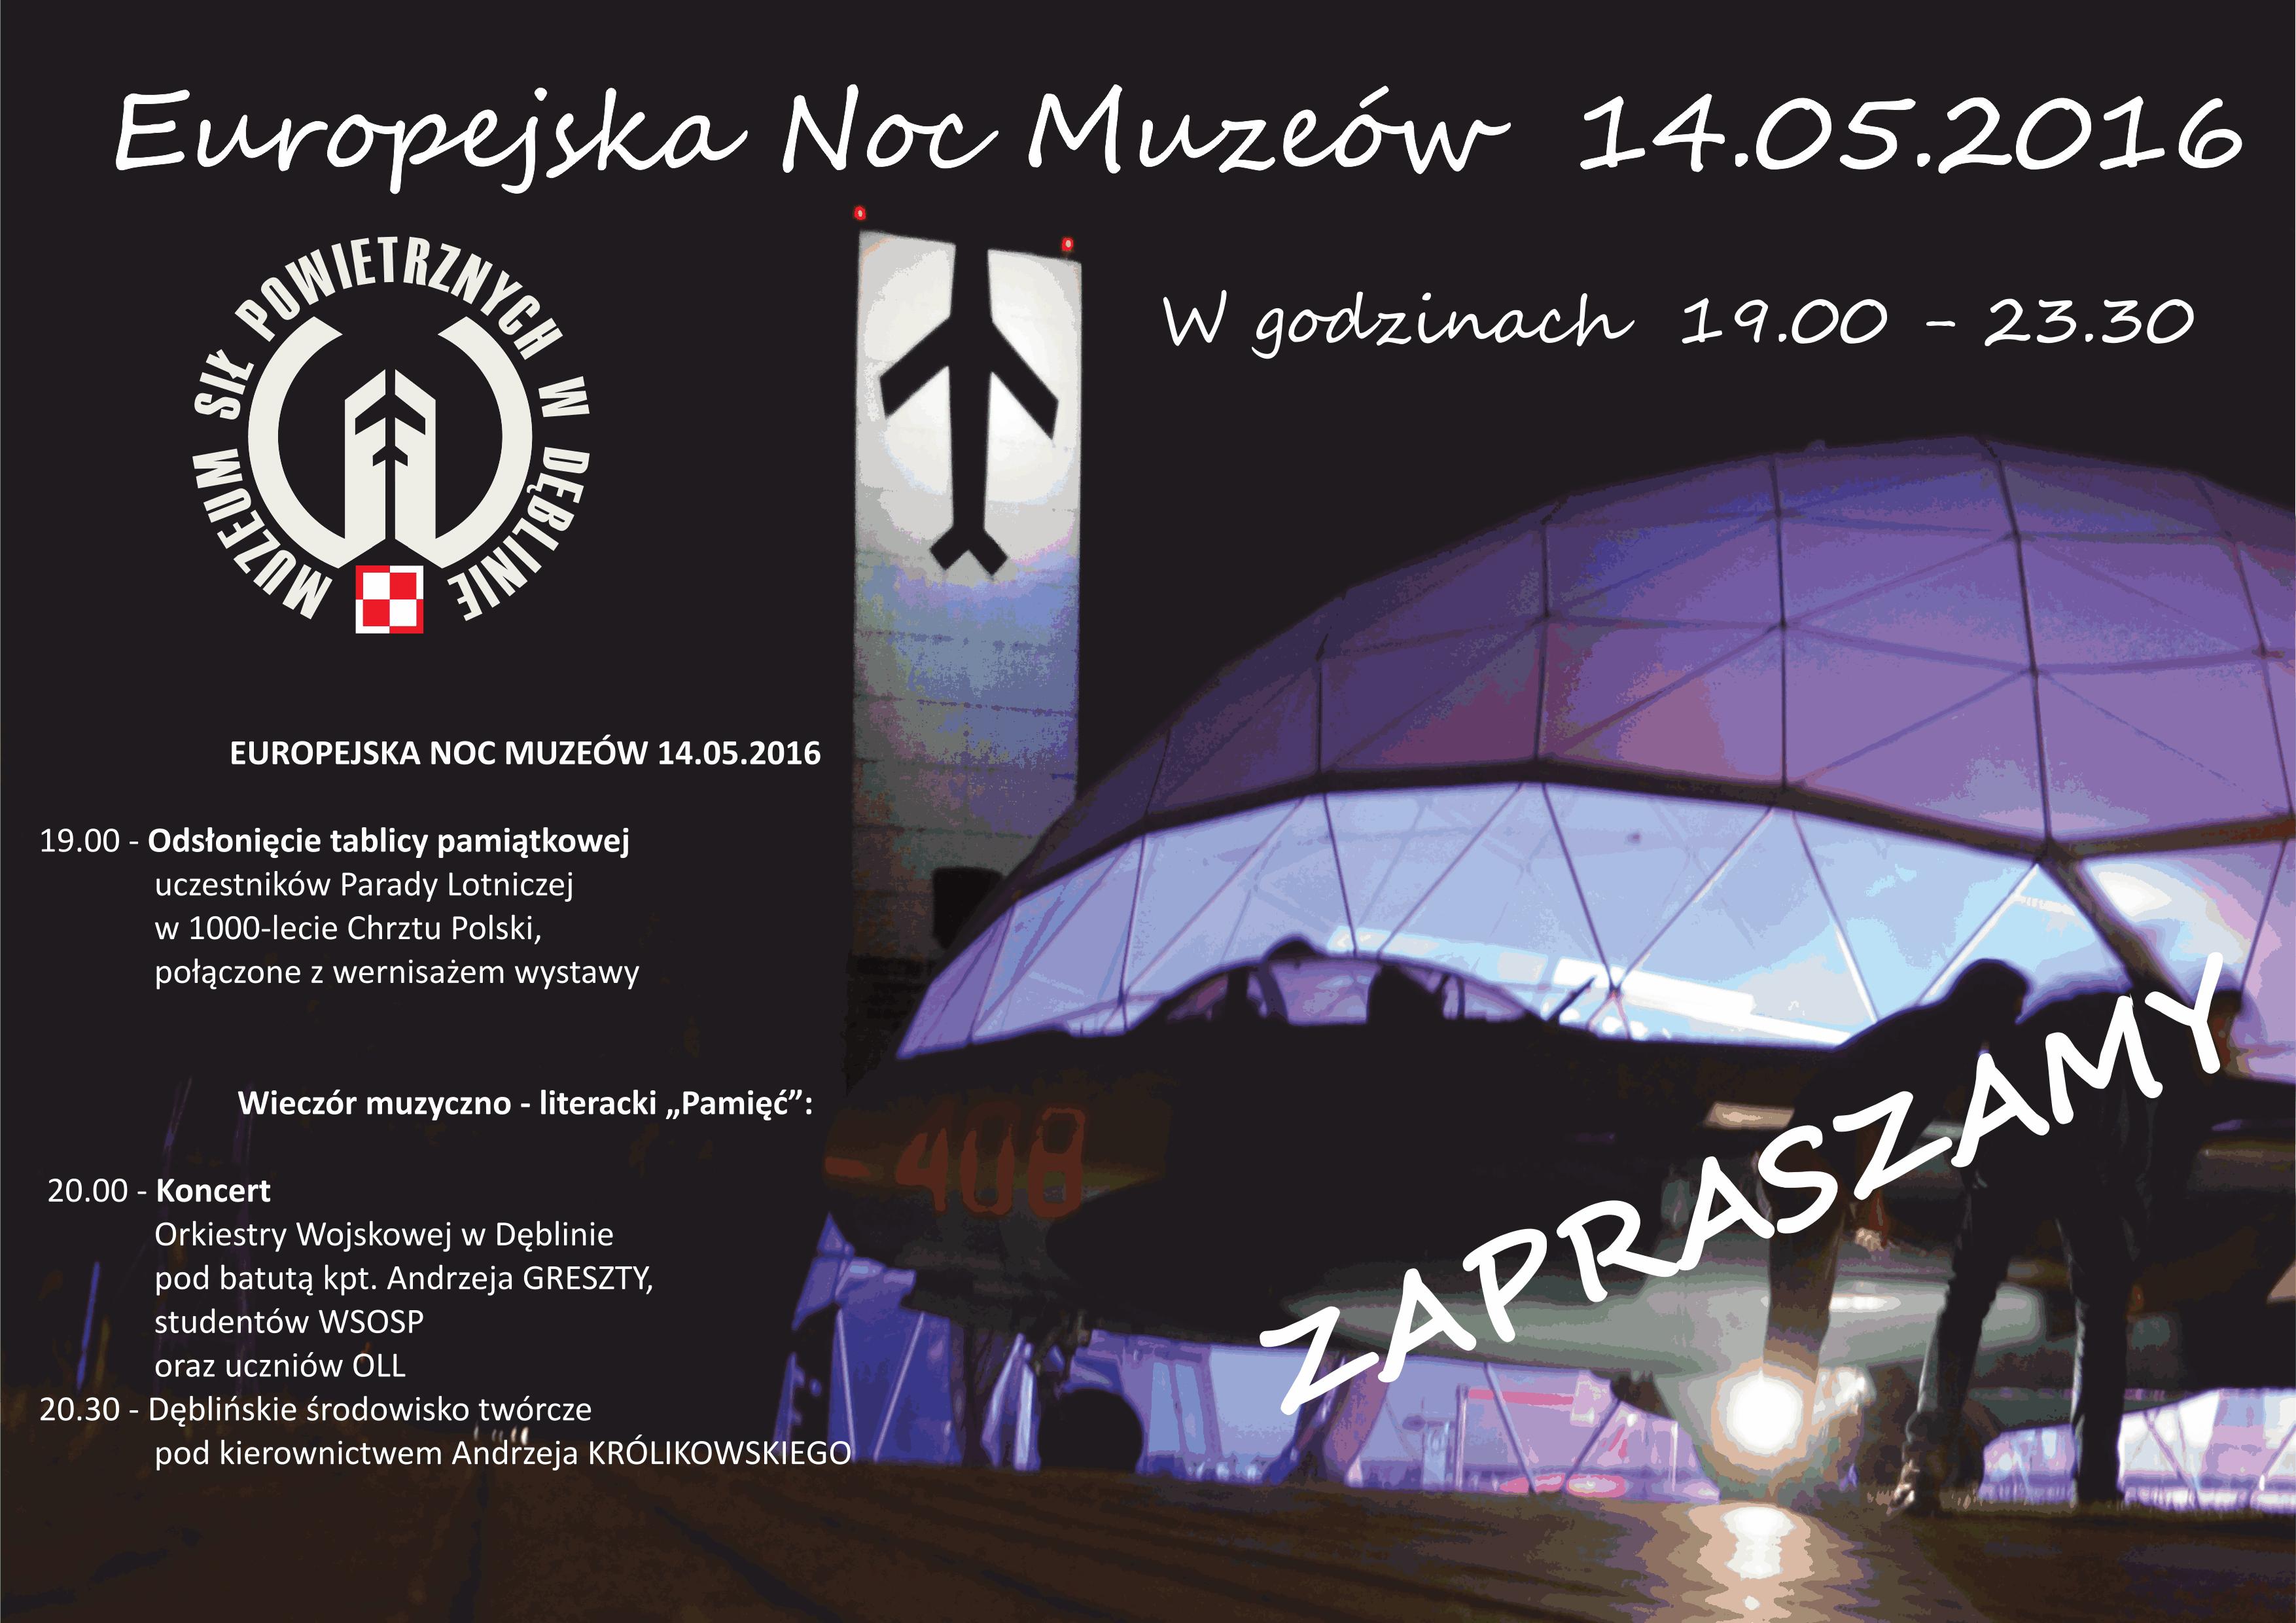 Plakat MSP Dęblin 2016 Europejska Noc Muzeów strona